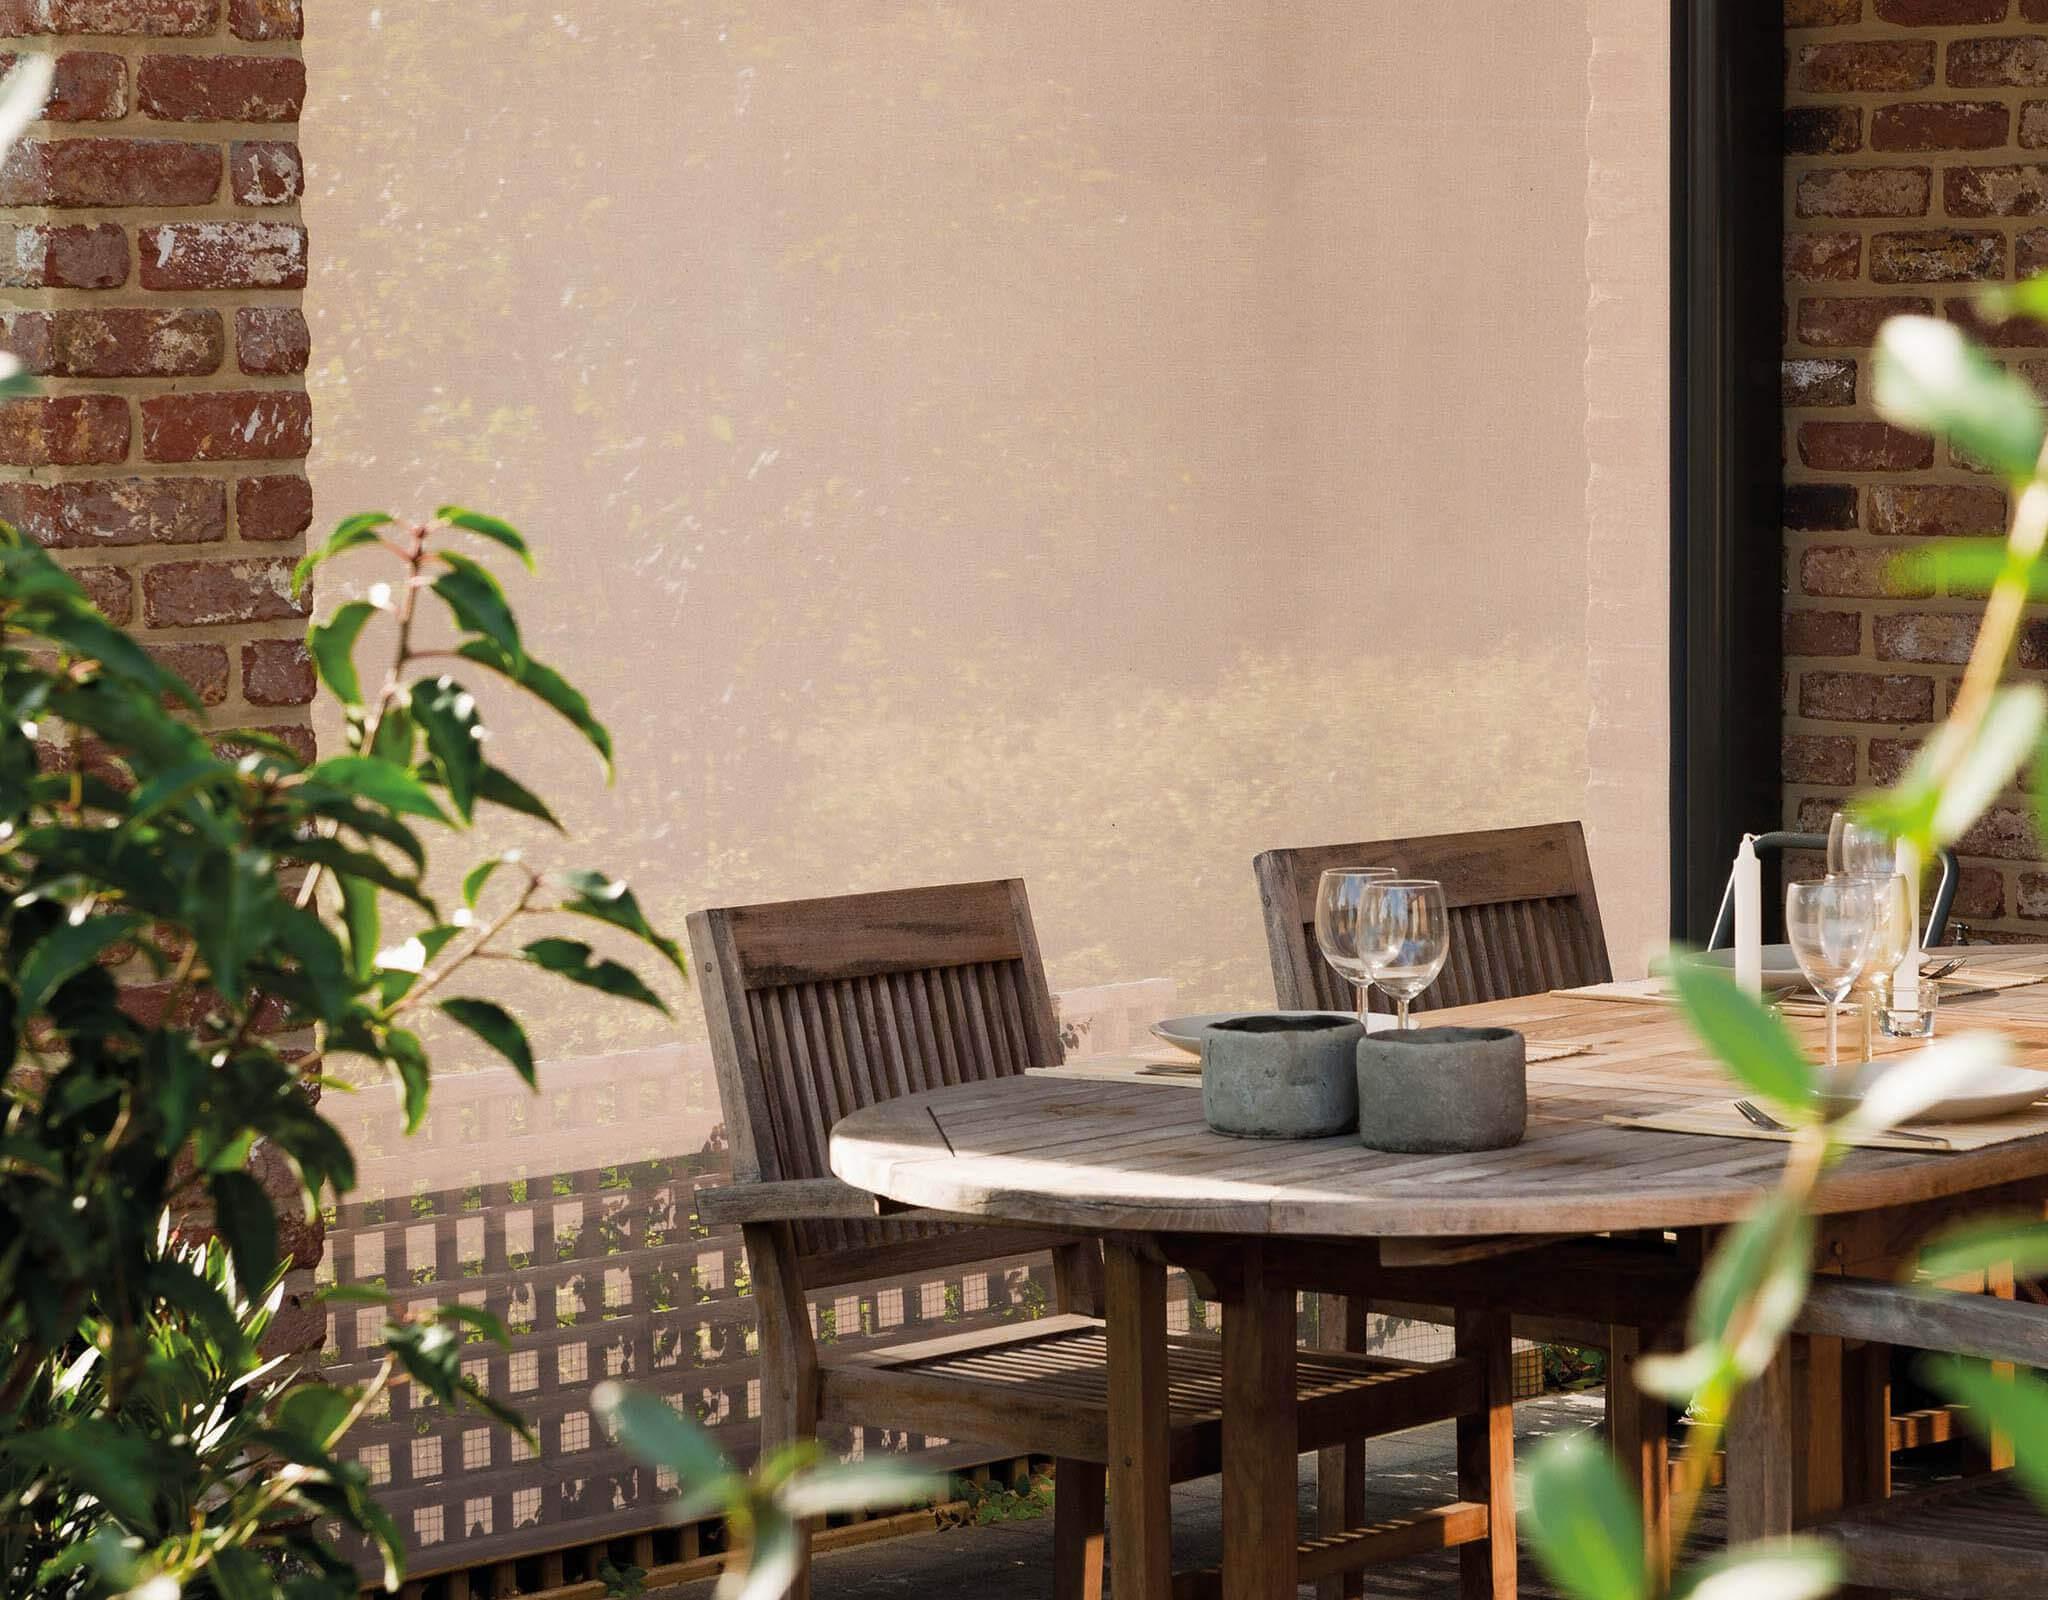 Eine beige/braune Seitenmarkise bzw. Senkrechtmarkise als Sonnenschutz bzw. Windschutz